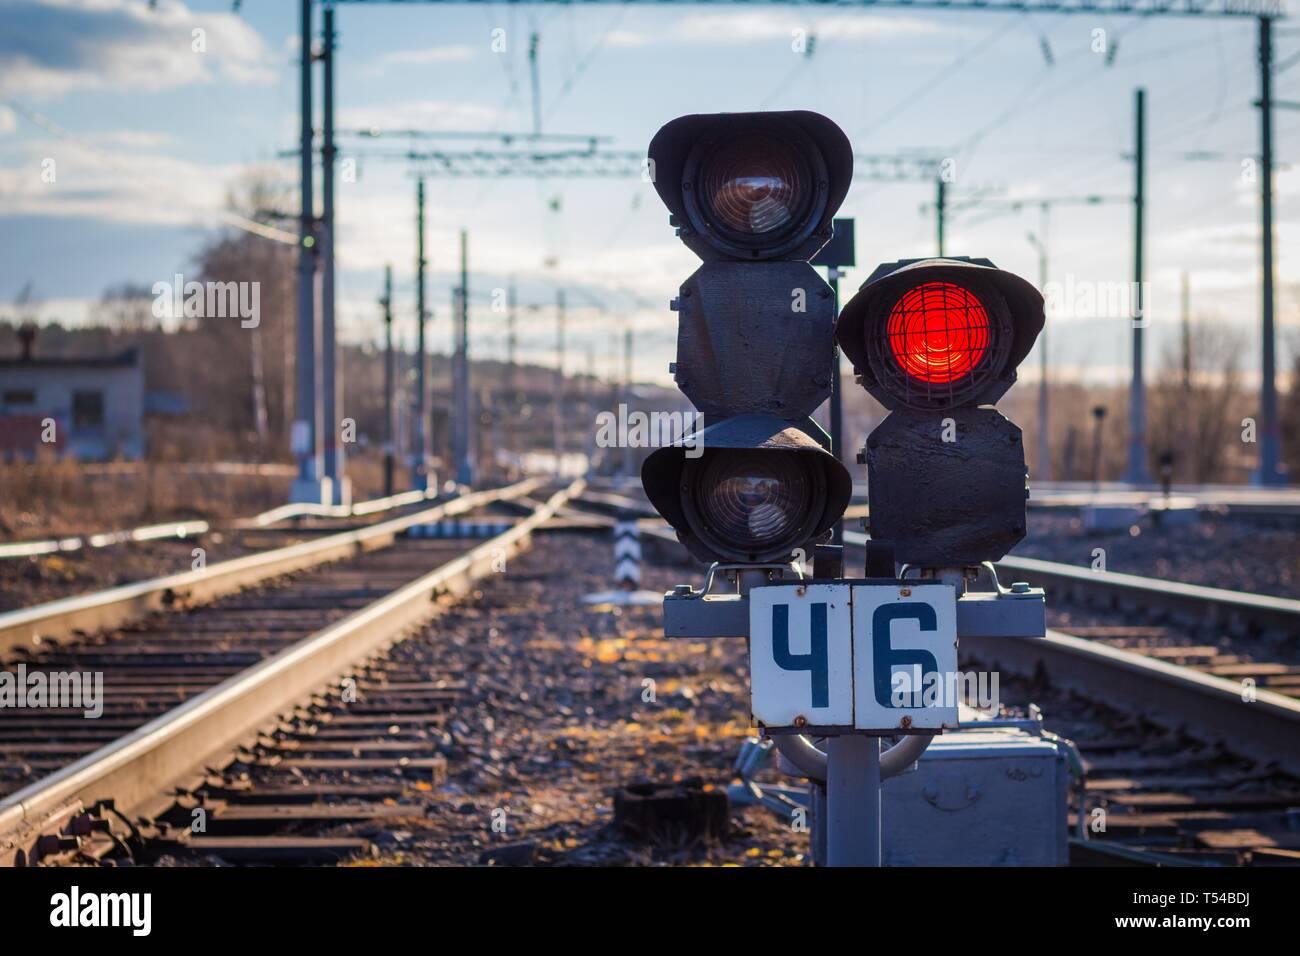 Gibt es eine Ampel auf der Bahn für Warnung des Zugverkehrs. Die Ampel leuchtet rot Warnung vor dem herannahenden Zug. Stockbild